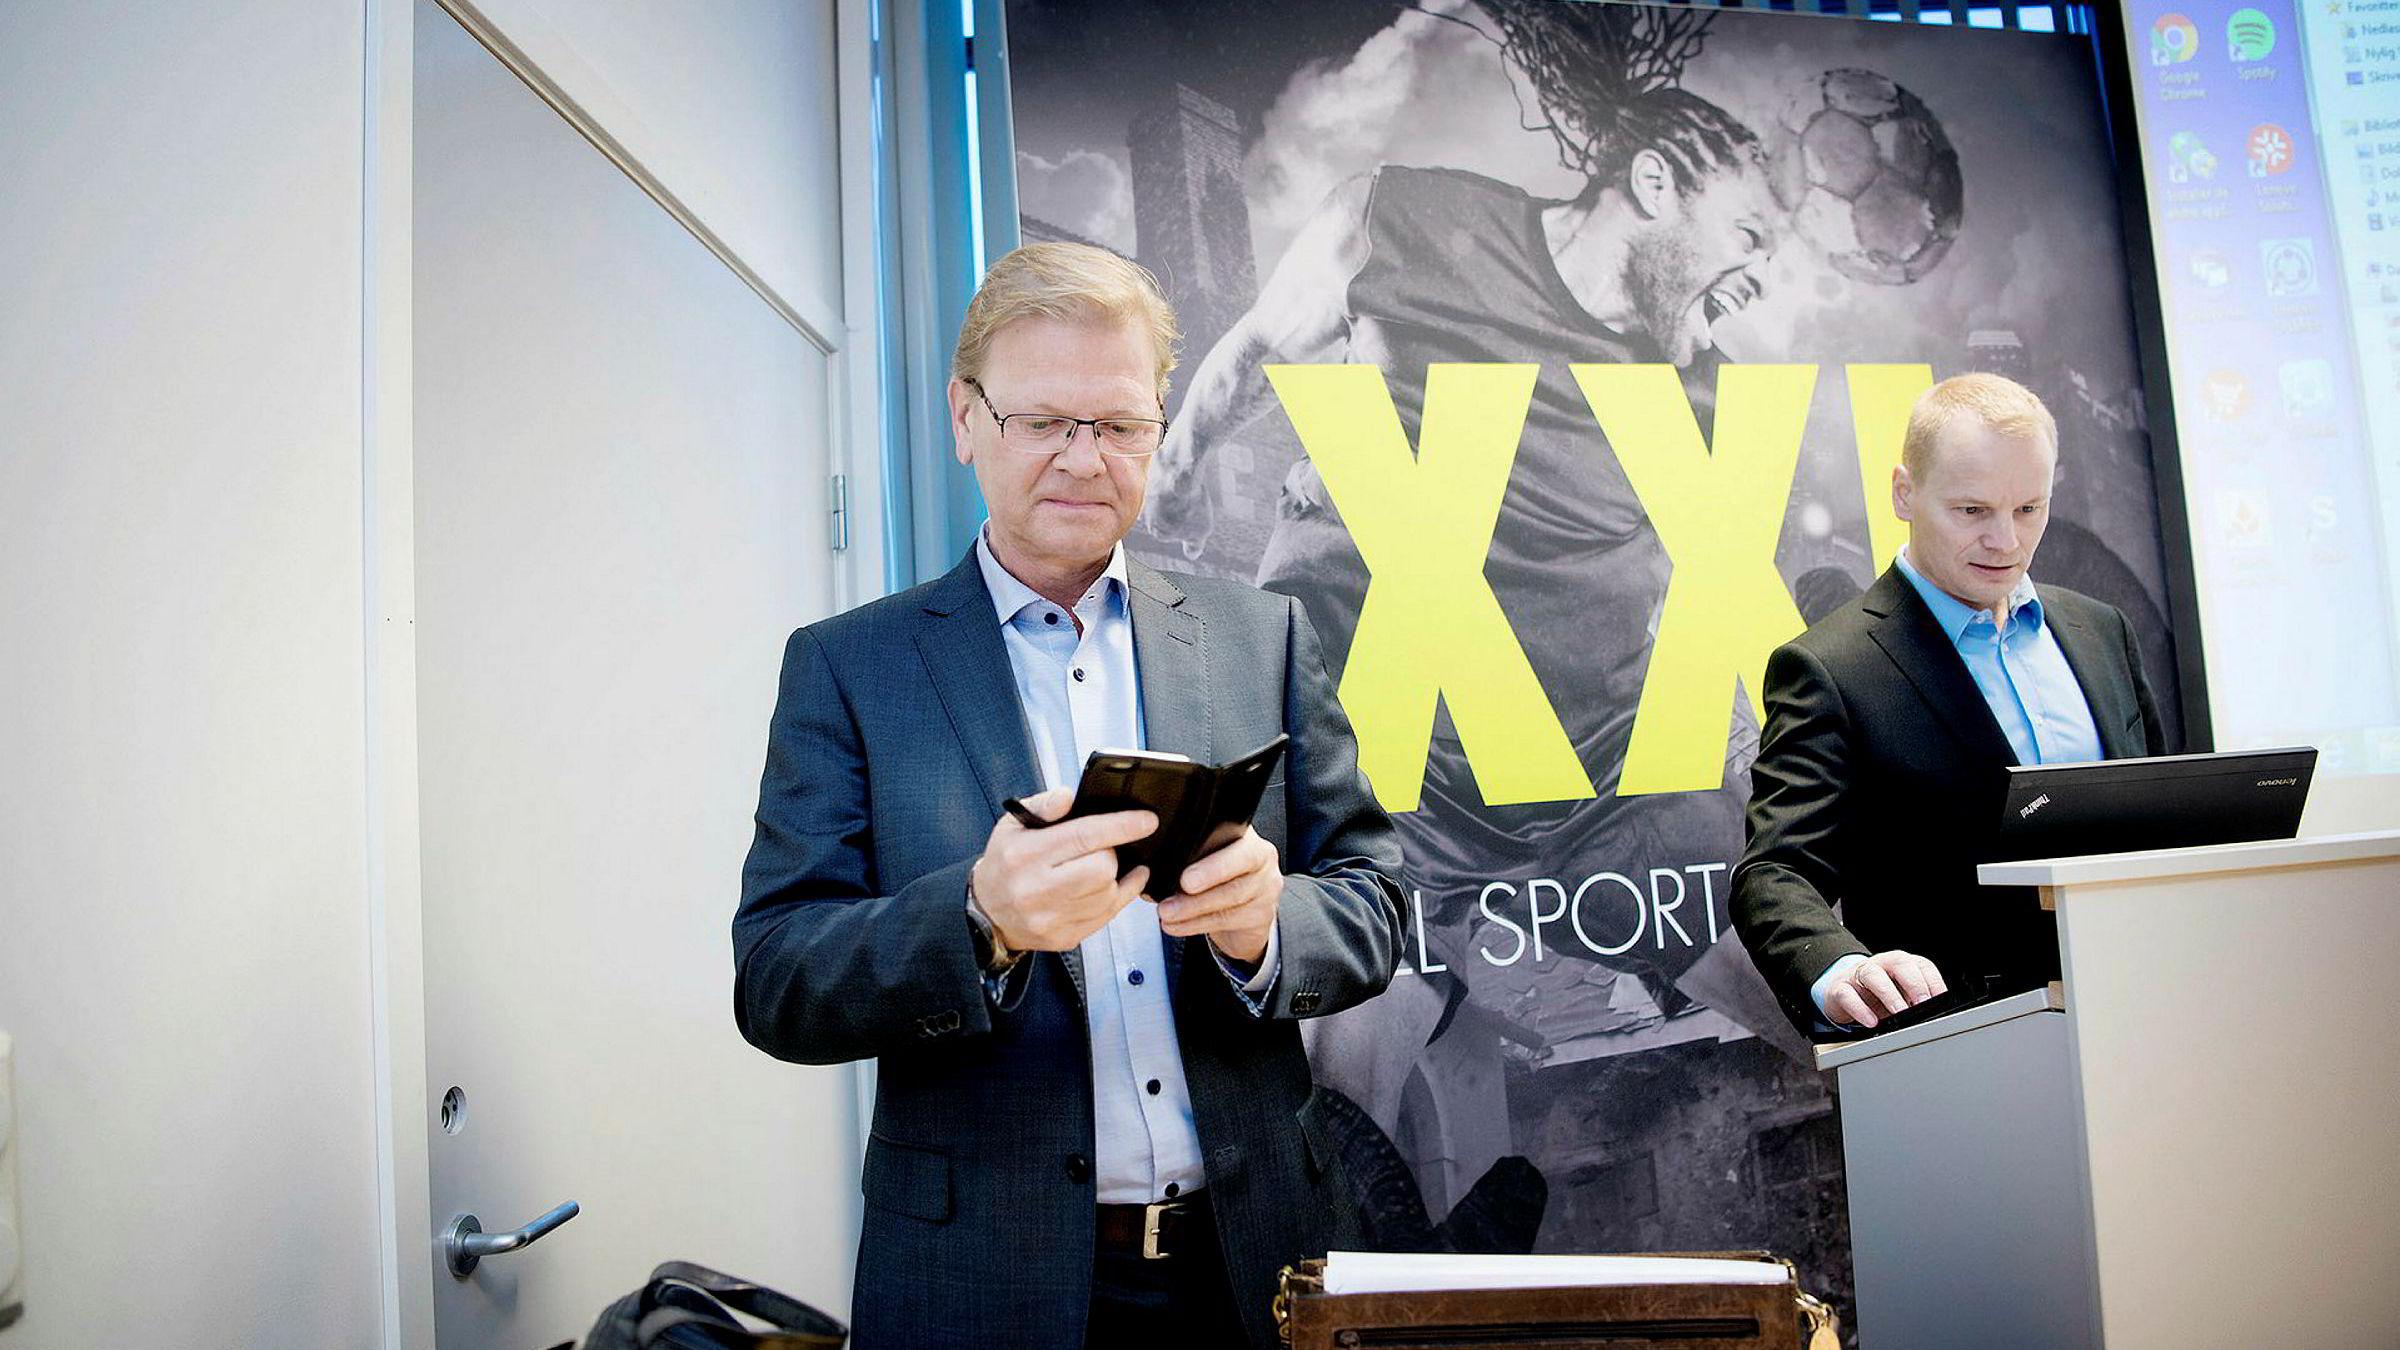 Sportsutstyrskjeden XXL og toppsjefFredrik Steenbuch (t.v.) må se tallene i rødt fra driften etter at en tøff vinter. Finansdirektør Krister Pedersen i XXL til høyre.